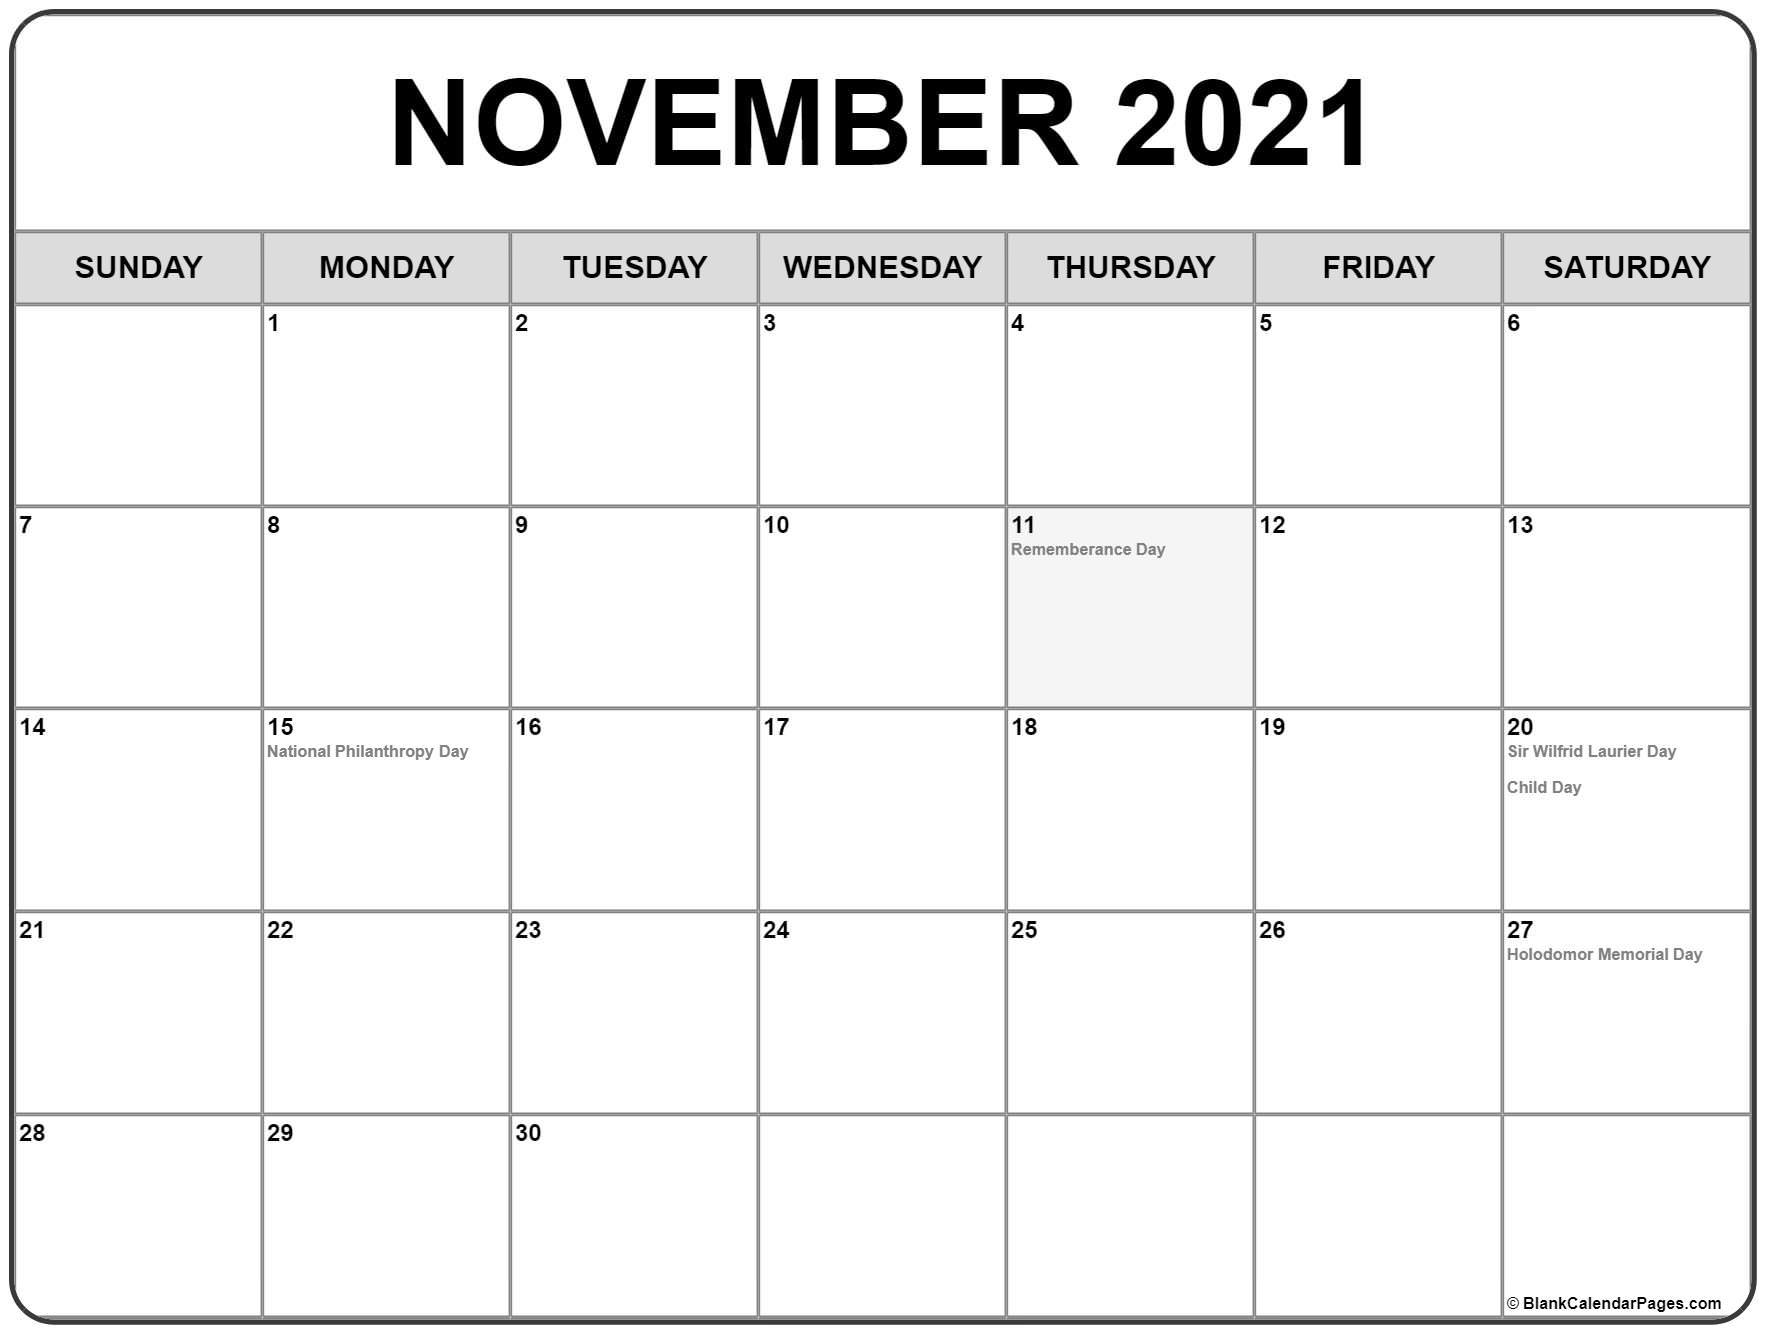 Take 2021 Calender November